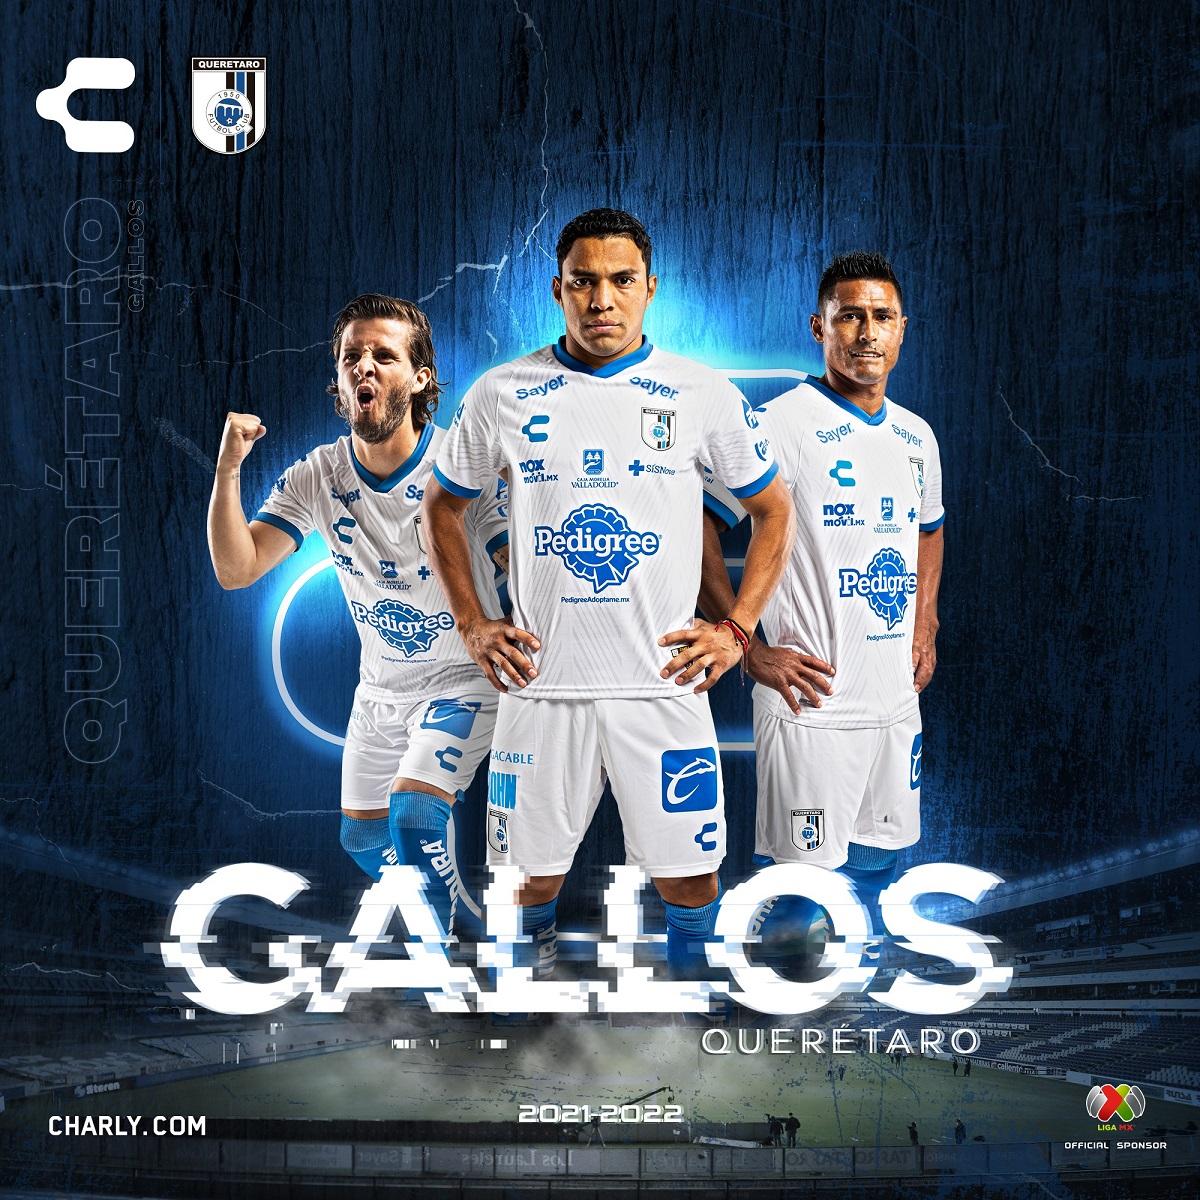 Camisas do Querétaro 2021-2022 Charly